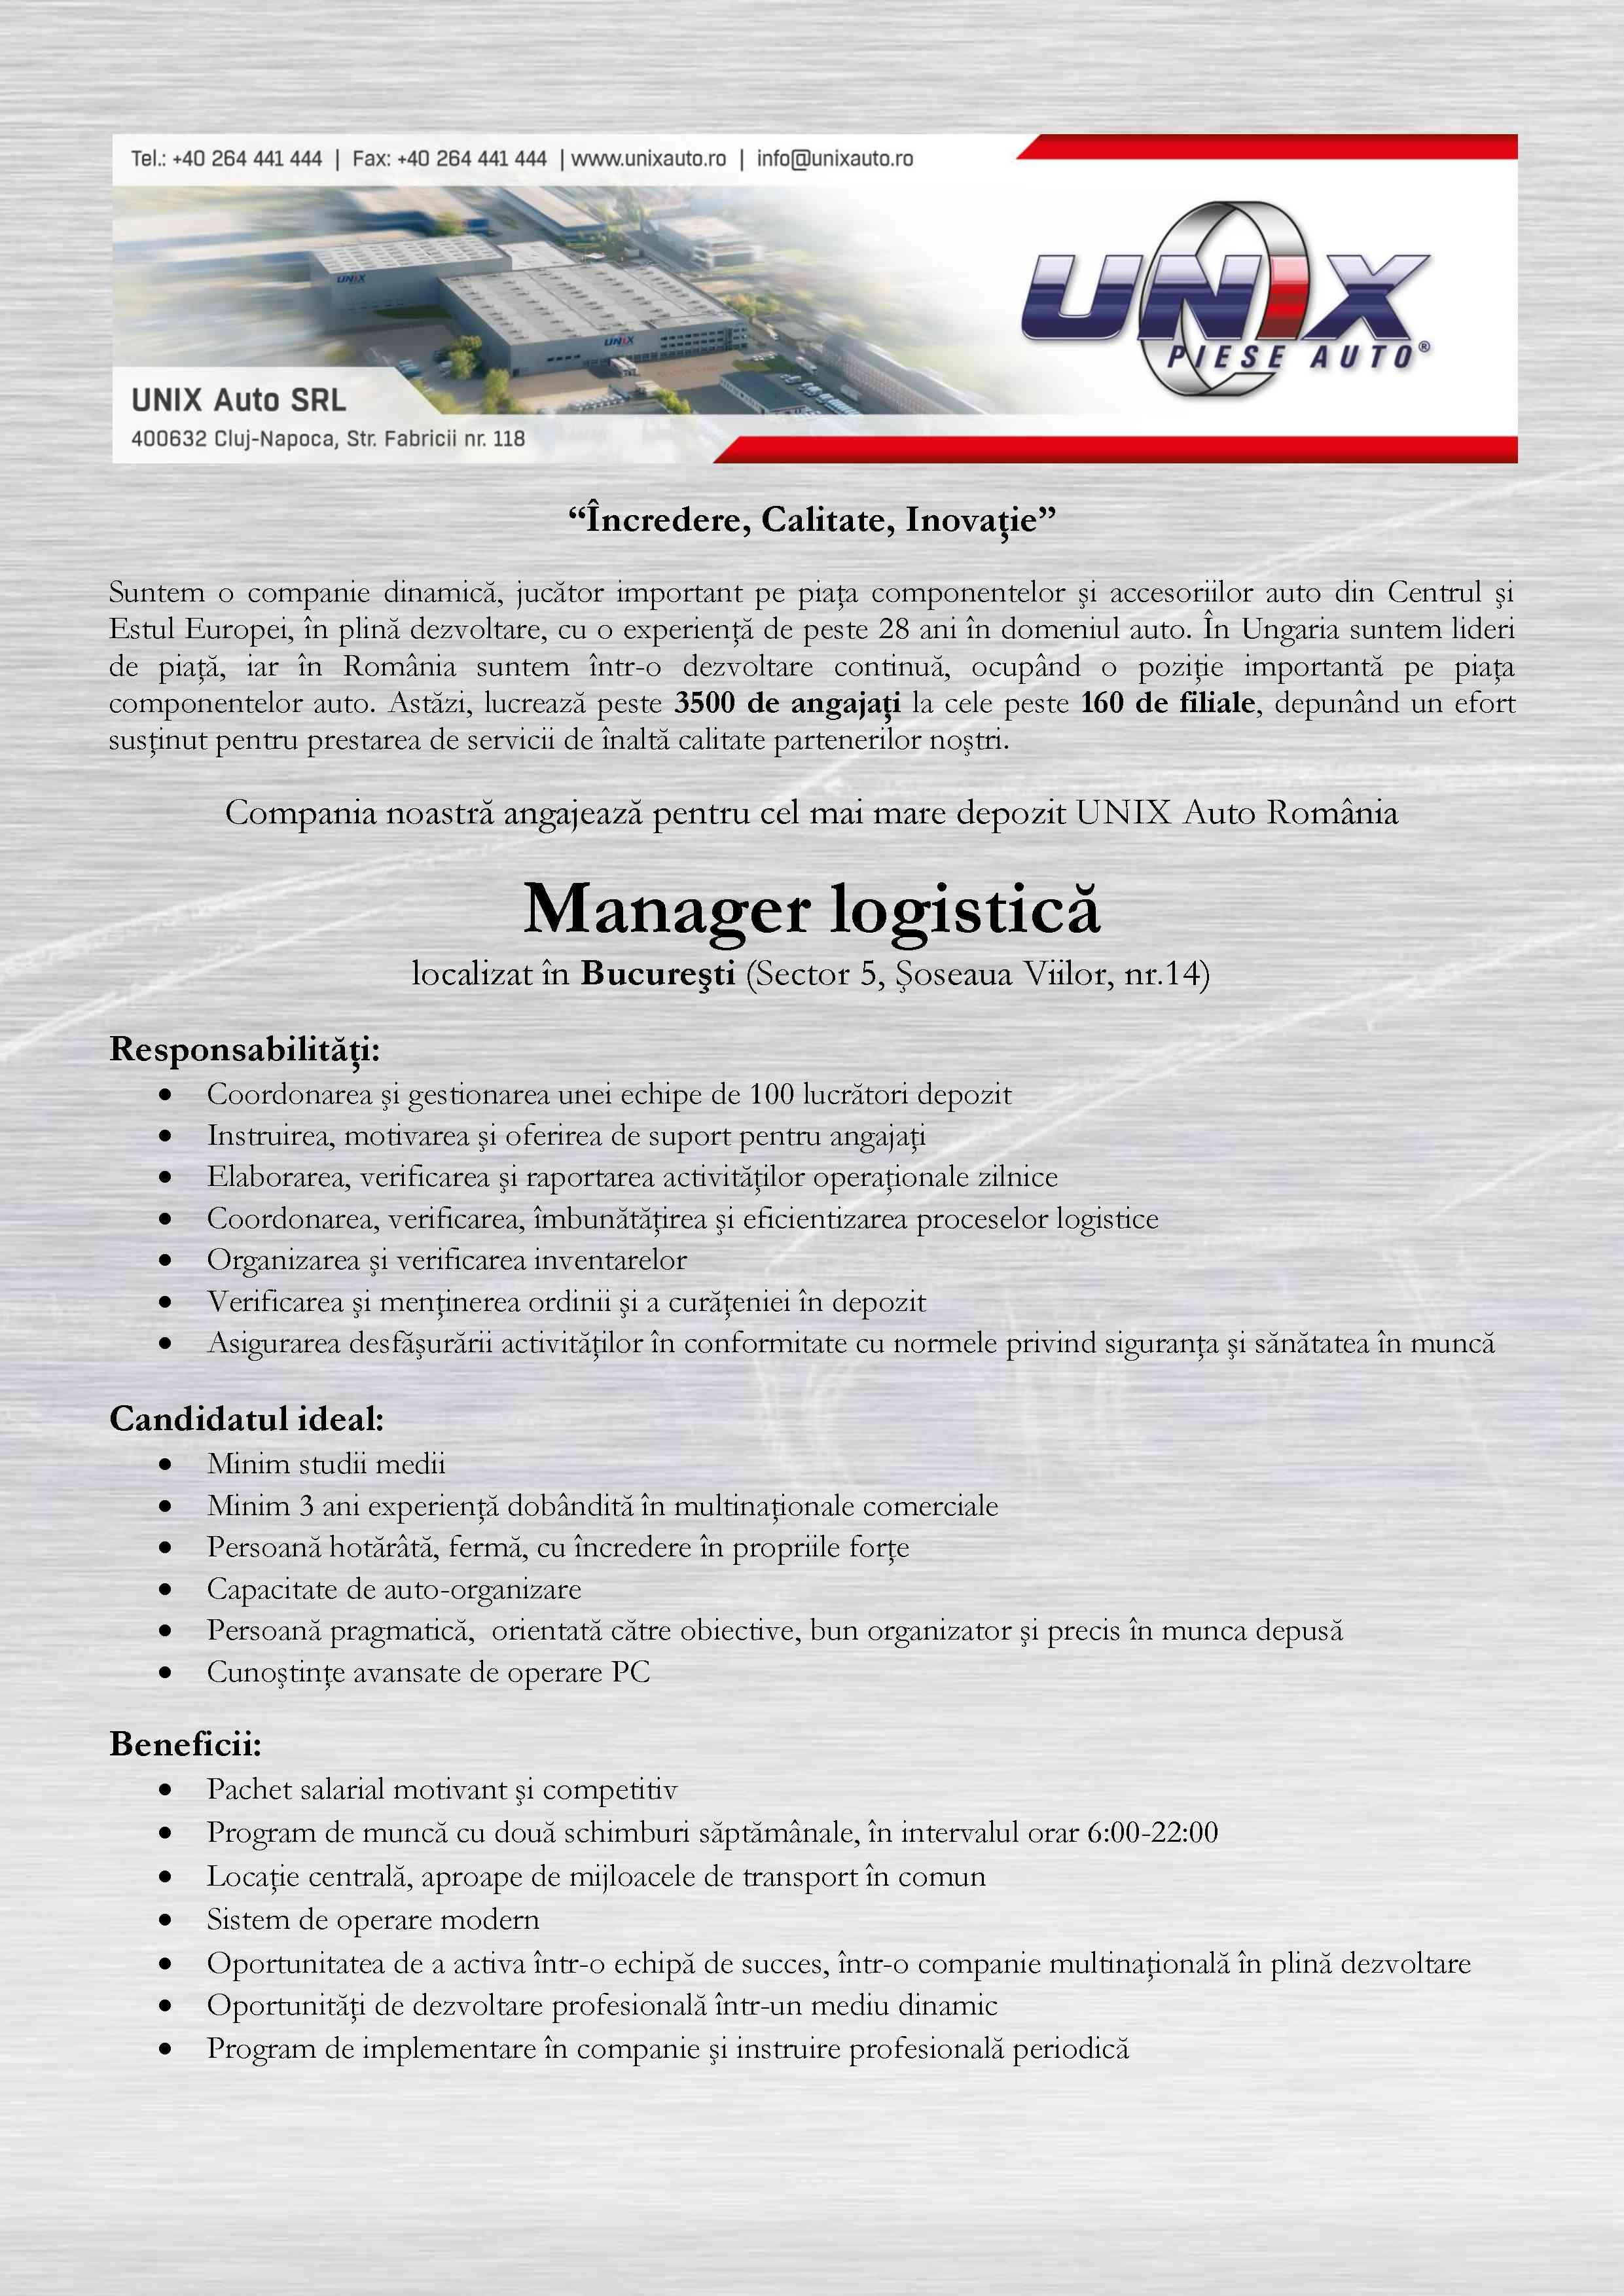 Manager logistica  Doriţi să lucraţi într-o echipă tânără, dinamică?  Este important pentru Dvs. să fiţi apreciat dacă aveţi rezultate?  Suntem o companie dinamică, jucător important pe piaţa componentelor şi accesoriilor auto din Centrul şi Estul Europei, în plină dezvoltare, cu o experienţă de peste 19 ani în domeniul auto. În Ungaria suntem lideri de piaţă, iar în România suntem într-o dezvoltare continuă, ocupând o poziţie importantă pe piaţa componentelor auto.  Comercializăm componente şi accesorii auto de la 200 de furnizori din 35 de ţări din lume. Cu ajutorul catalogului electronic TradeOnWeb care a fost conceput şi dezvoltat de compania noastră, asigurăm un serviciu unic în regiune. Compania noastră recrutează personal pentru următoarele filiale:Unix Bucureşti  Responsabilităţi:  Coordonarea şi gestionarea unei echipe de 20 magazioneri Instruirea, motivarea şi oferirea de suport pentru angajaţi Coordonarea şi verificarea proceselor de depozit Organizarea şi verificarea inventarelor Verificarea şi menţinerea ordinii şi a curăţeniei în depozit Asigurarea desfăşurării activităţilor în conformitate cu normele privind siguranţa şi sănătatea în muncă Elaborarea, verificarea şi raportarea activităţilor operaţionale zilnice  Cerinţe:  Studii medii Minim 2 ani experienţă într-o funcţie de conducere pe un post similar Persoană hotărâtă, fermă, cu încredere în propriile forţe Capacitate de auto-organizare Persoană pragmatică, orientată către obiective, bun organizator şi precis în munca depusă Cunoştinţe avansate de operare PC  Oferim:  Oportunitatea de a activa într-o echipă de succes, un loc de muncă într-o companie multinaţională, în plină dezvoltare Oportunităţi de dezvoltare profesională Pachet salarial motivant şi competitiv Autoritate operaţională pentru îndeplinirea obiectivelor Sistem de operare modern Locaţie centrală, aproape de mijloacele de transport în comun Program de muncă cu două schimburi în intervalul orar 6:00-22:00  Compania noastră este un distr